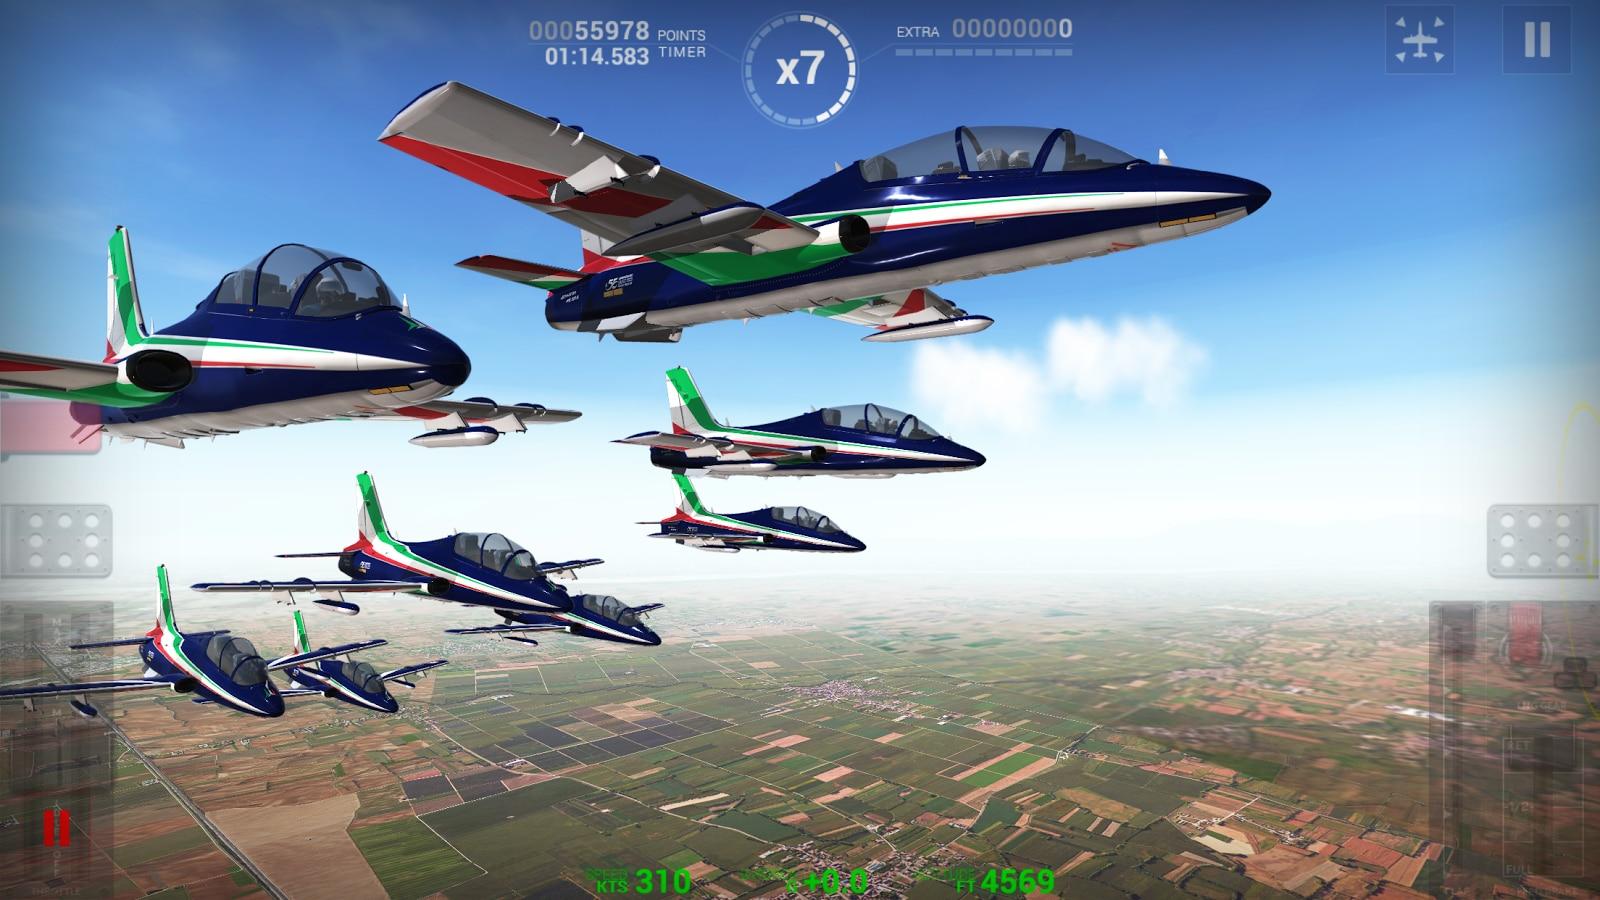 I Migliori Simulatori Di Volo Per Ipad E Iphone Wizblog